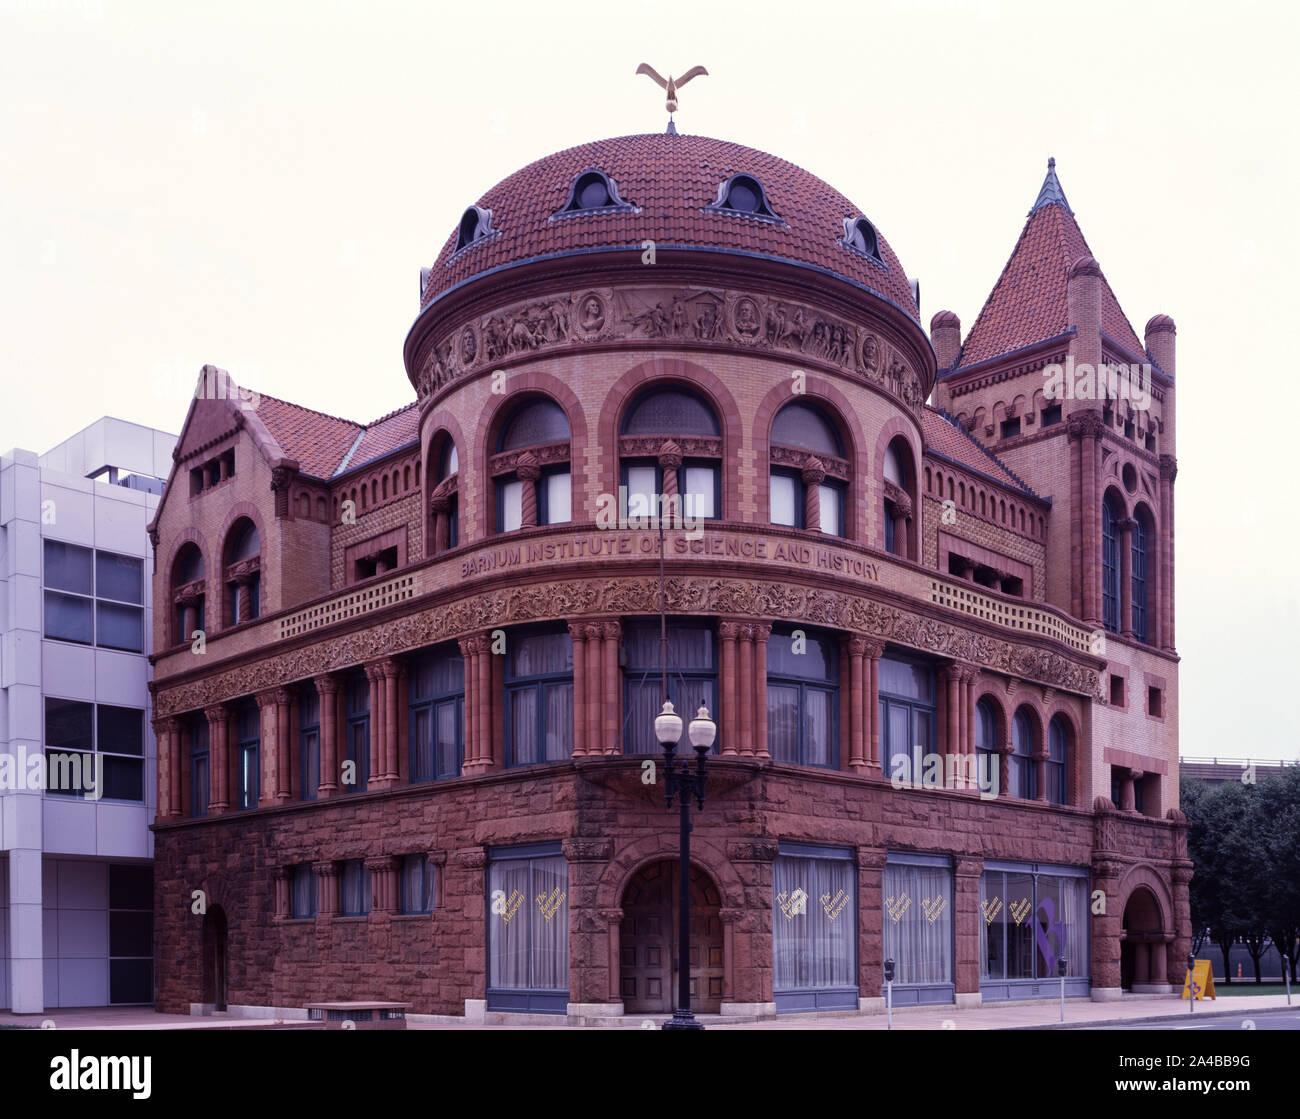 The Barnum Museum, Bridgeport, Connecticut Stock Photo